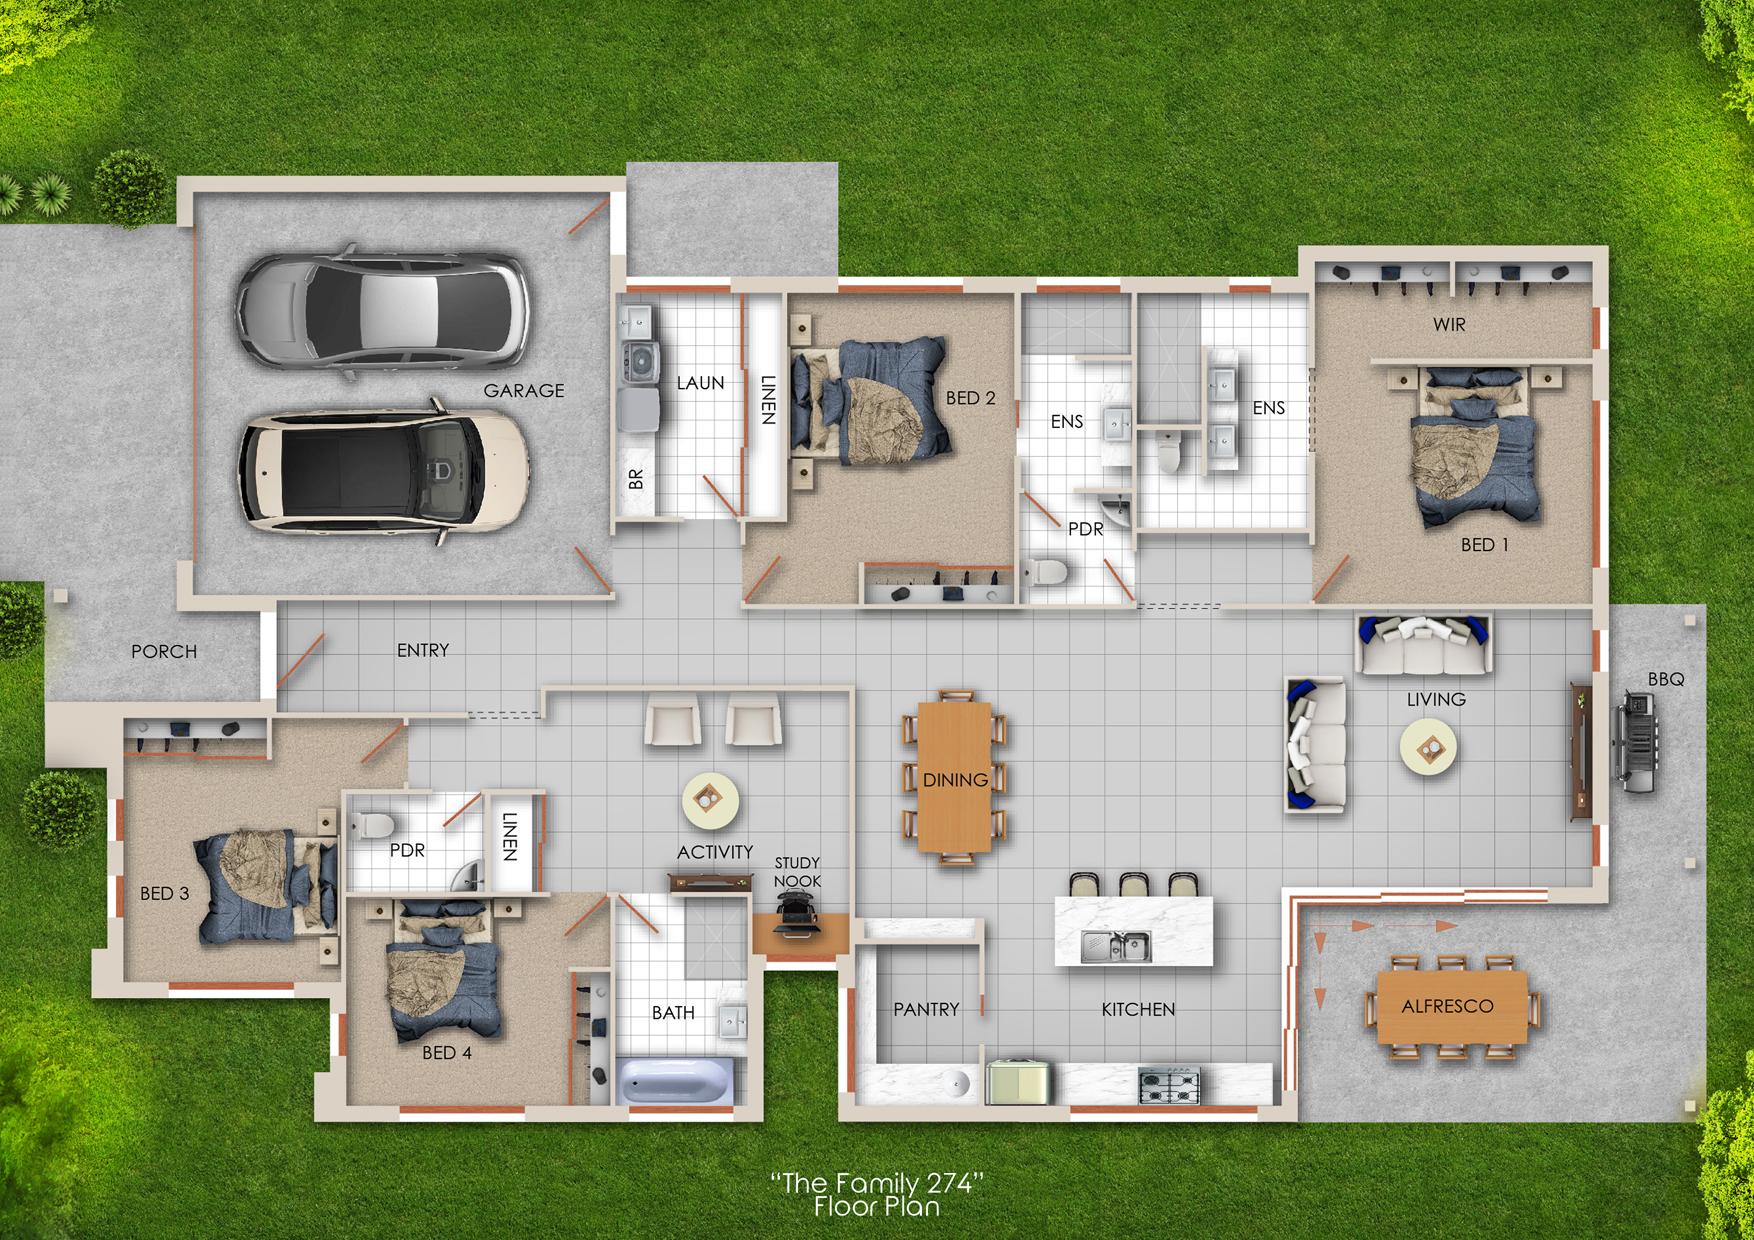 4 Bedroom Activity Room 2 Ensuites 1 Bath Alfresco